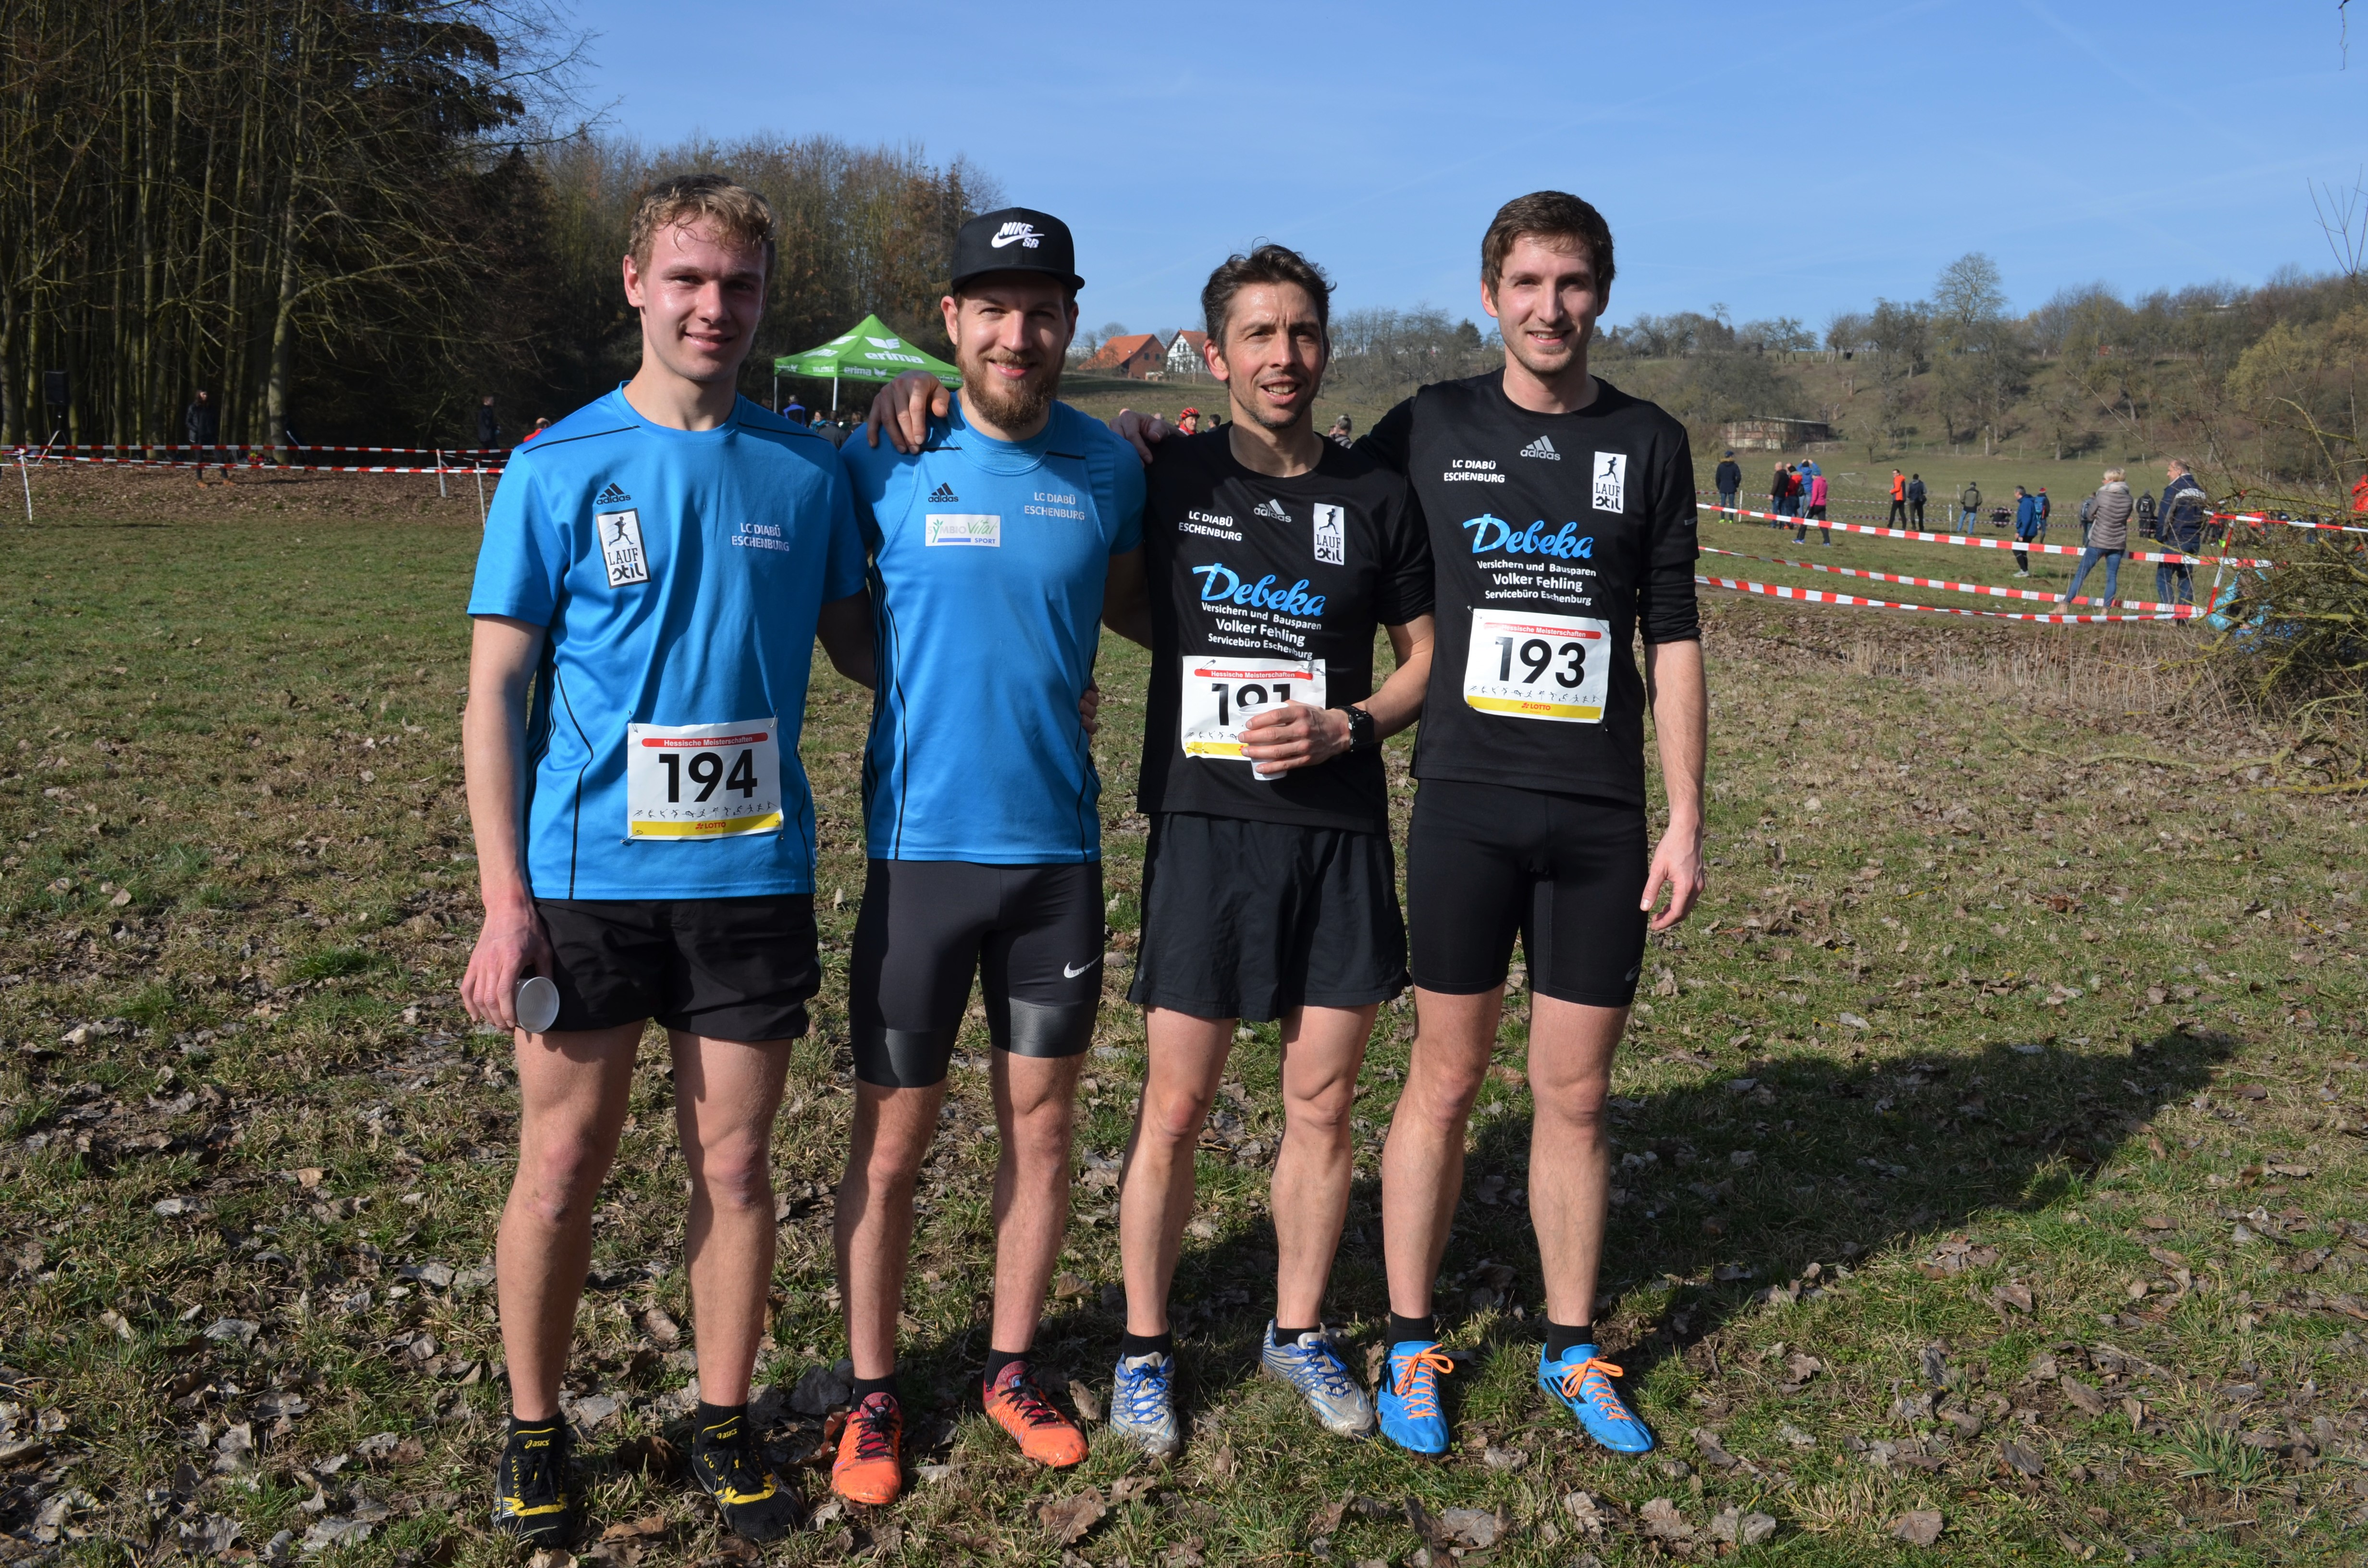 Die Männermannschaft auf der Mittelstrecke: v.l. Samuel Eizenhöfer, Felix Thum, Christoph Bergmann und Max Weiß